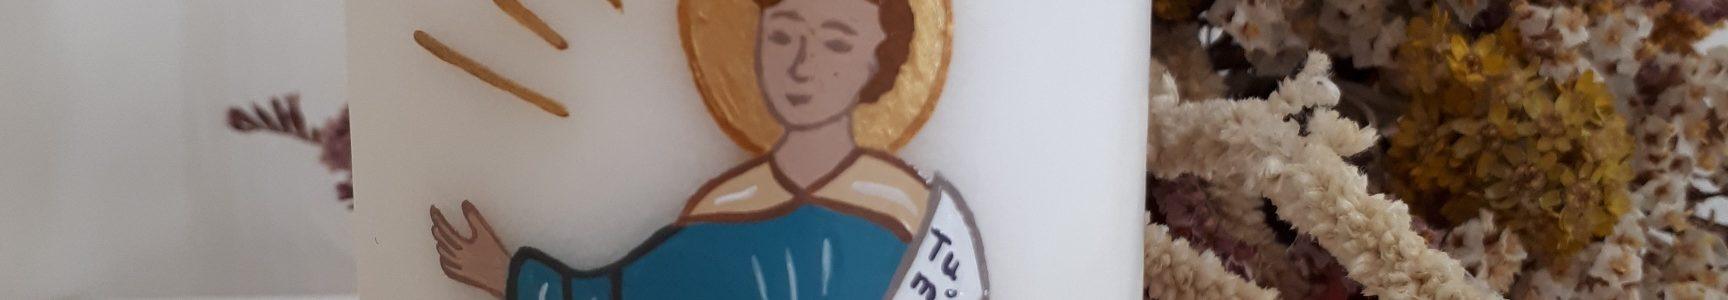 Saint Samuel, prophète